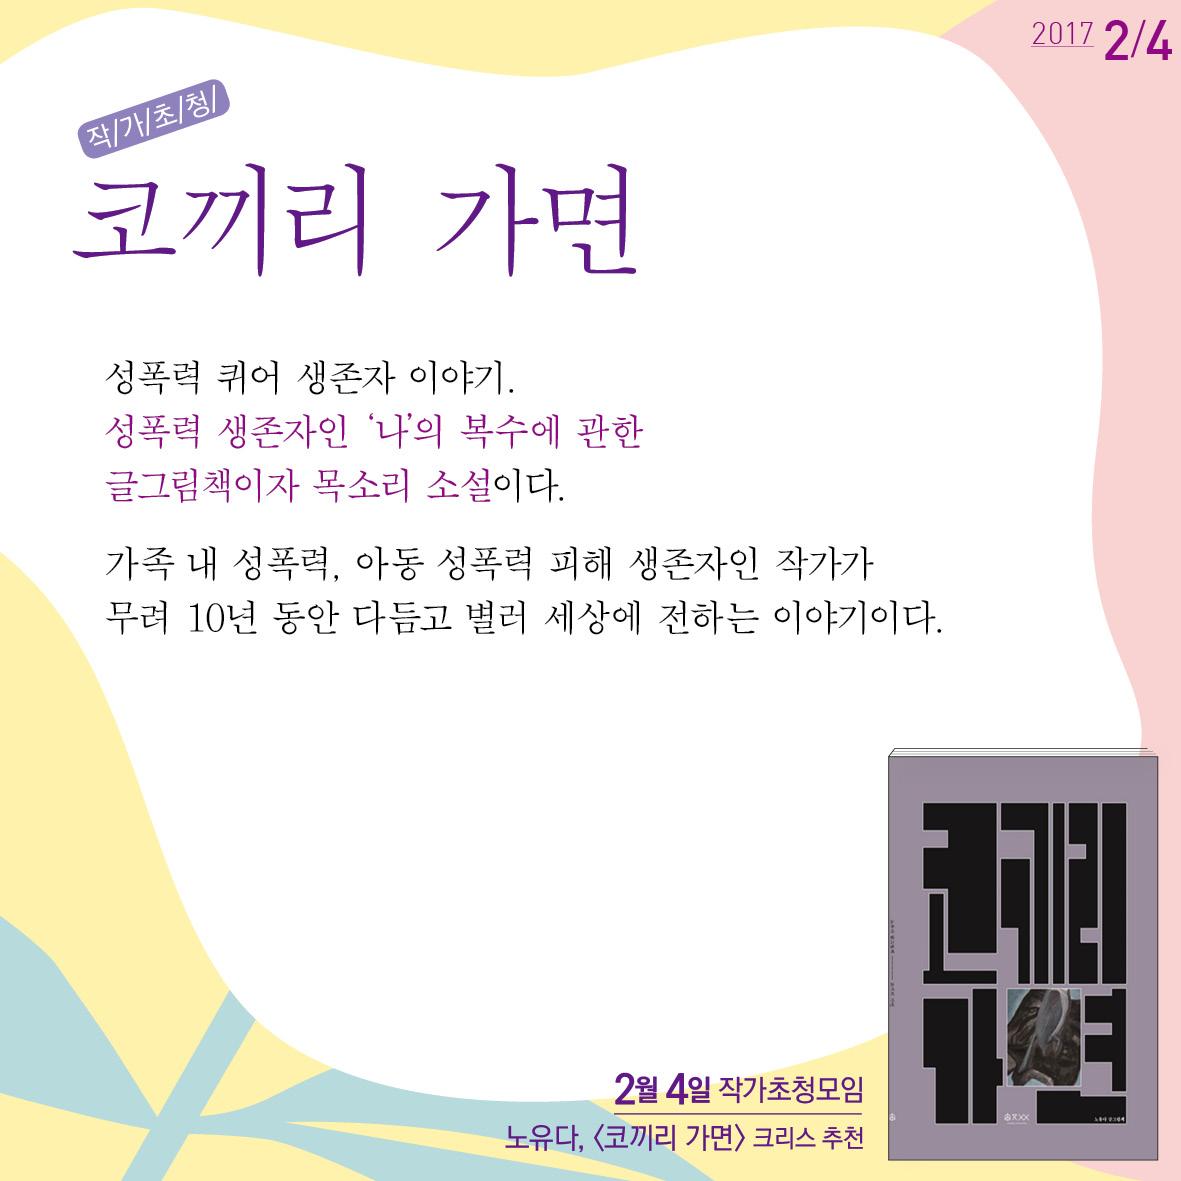 1분기-카드3.jpg